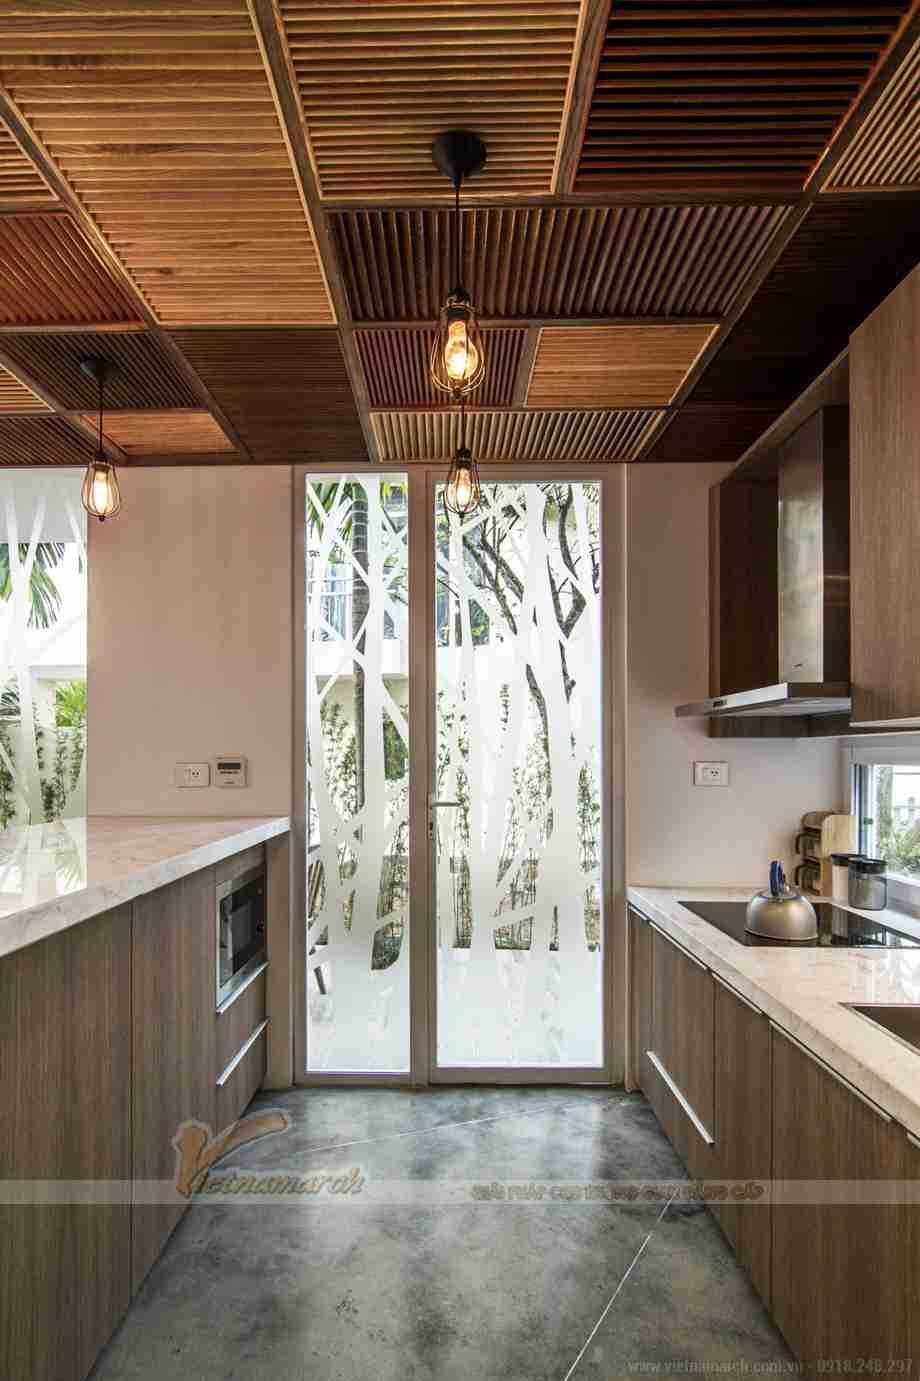 Chiêm ngưỡng thiết kế biệt thự vườn hiện đại